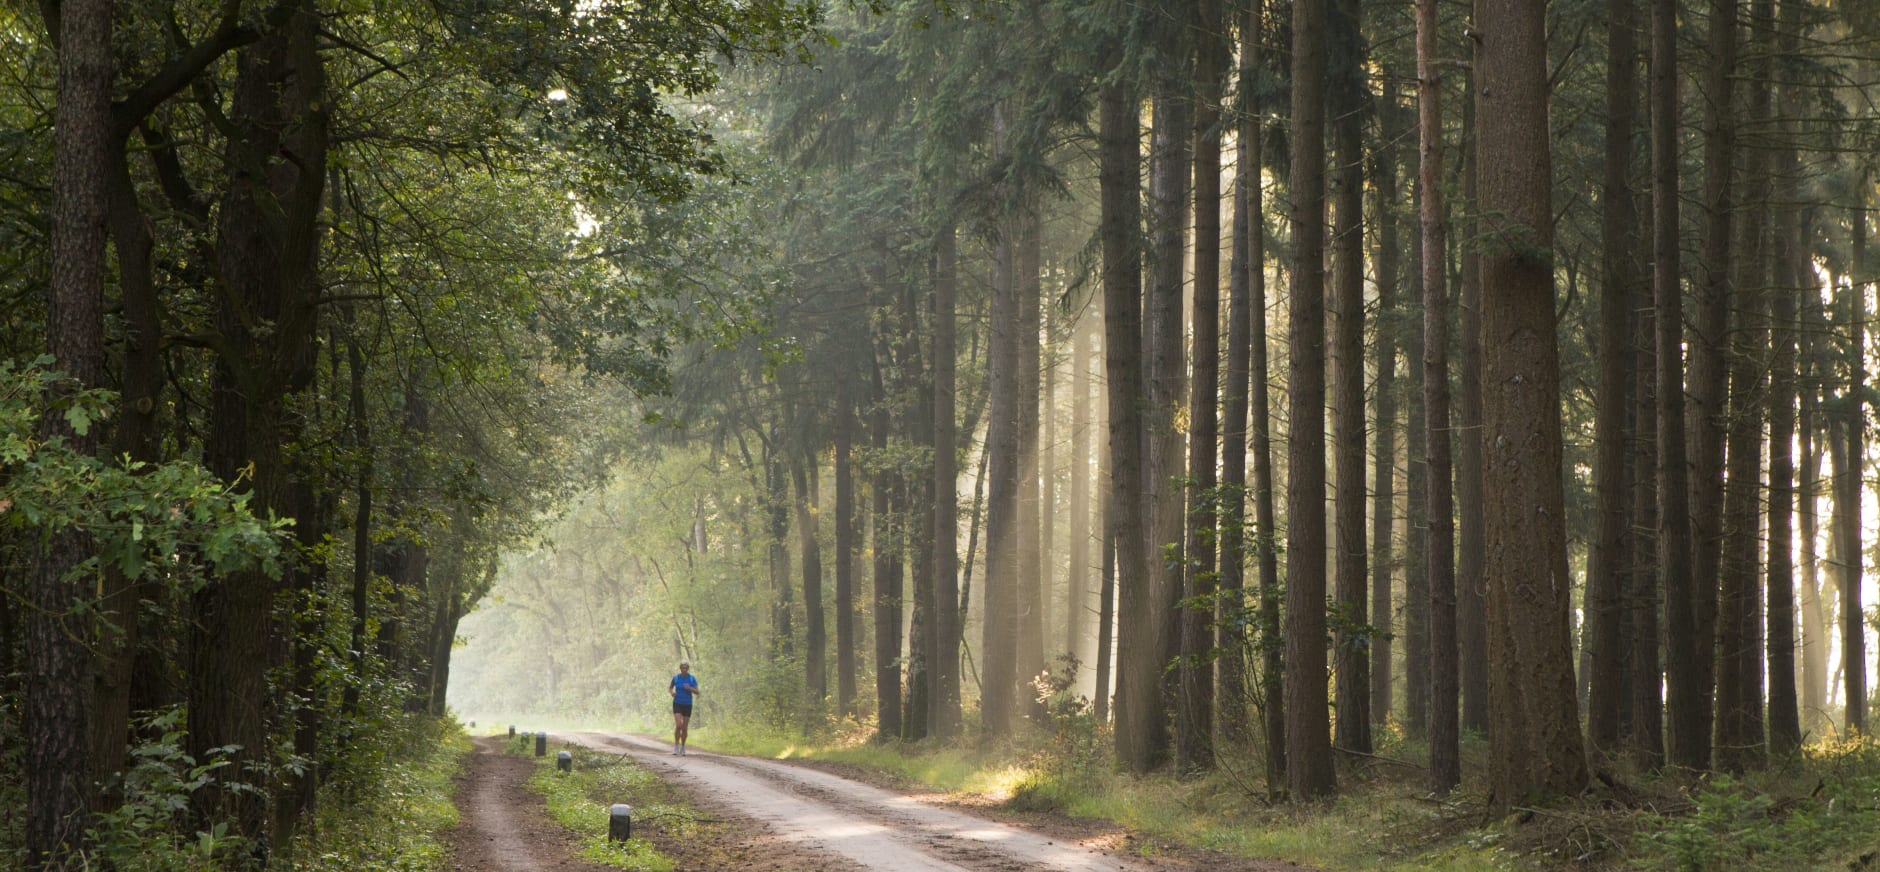 Op bomen langs wegen letten de boswachters extra goed voor de veiligheid van de recreanten